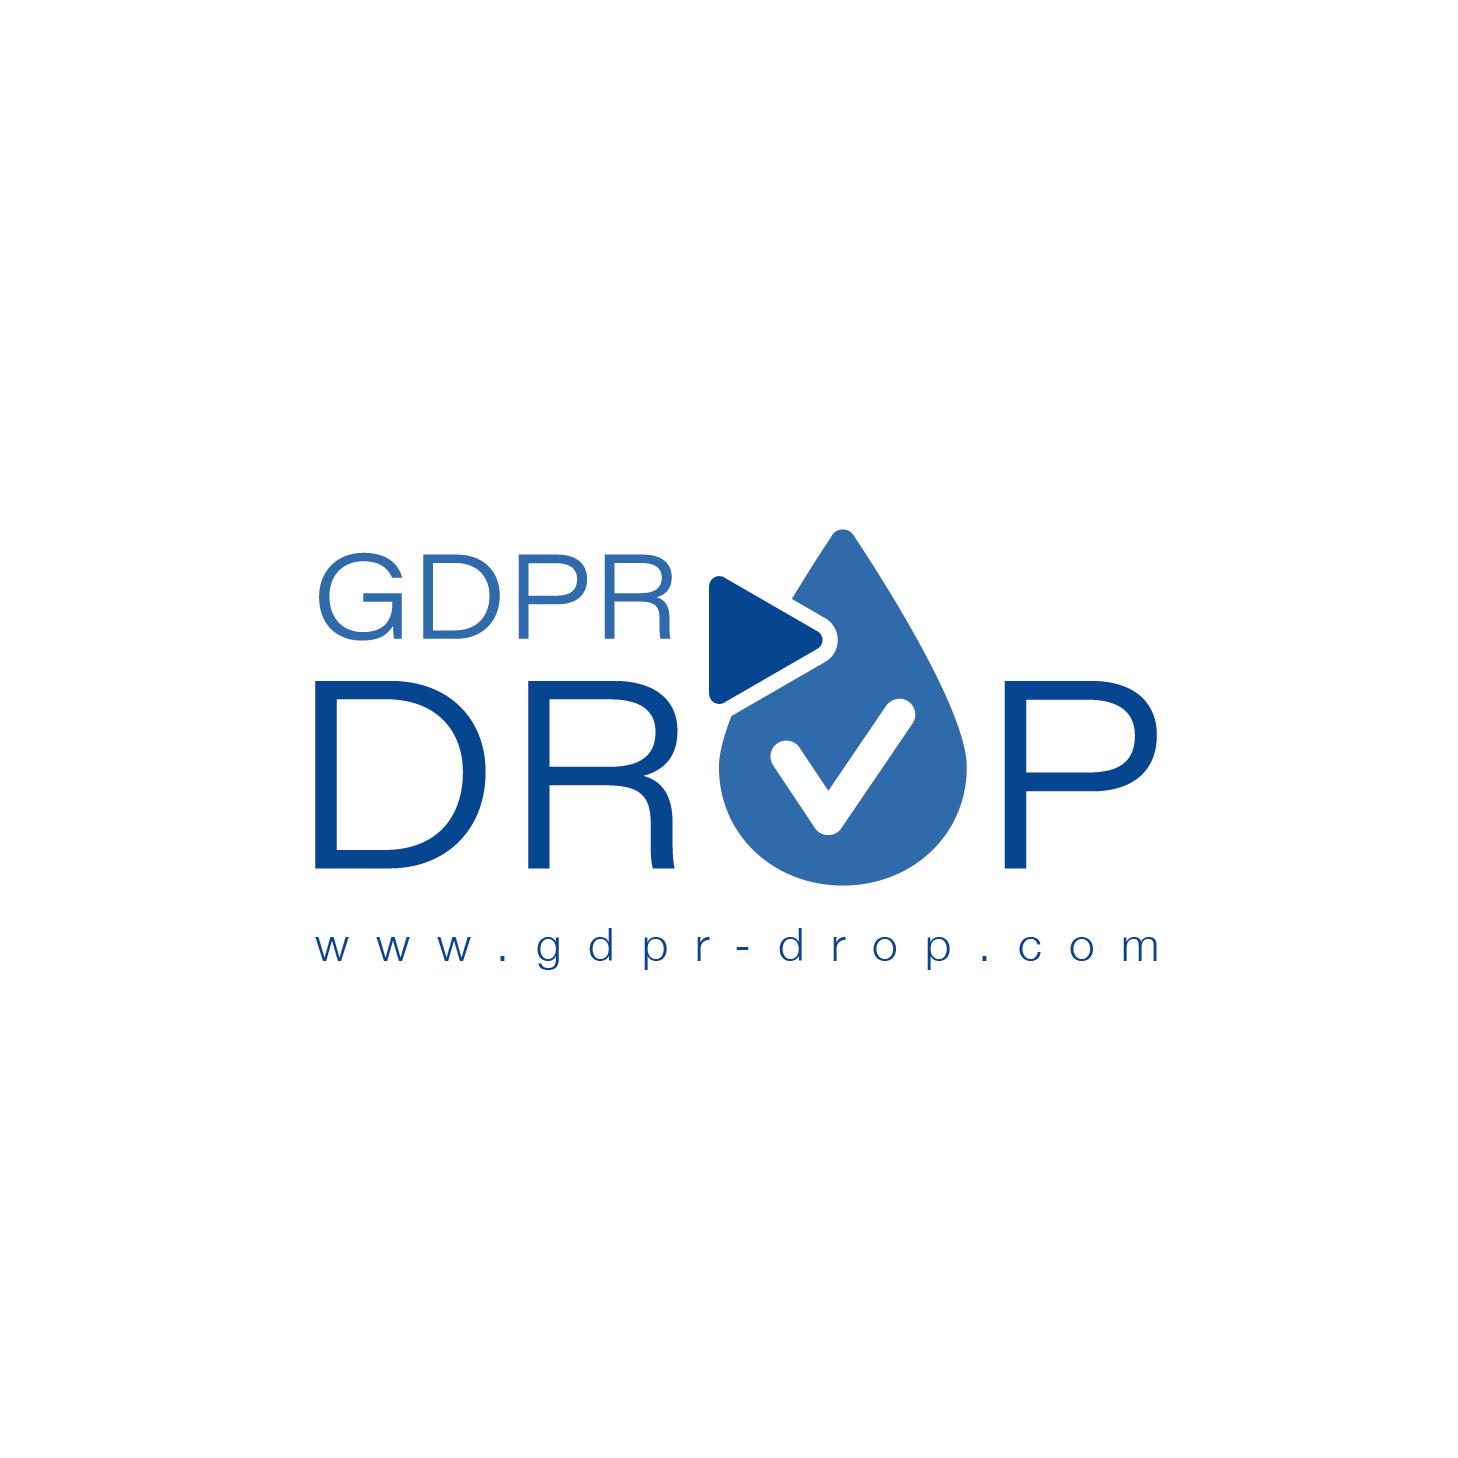 GDPR DROP